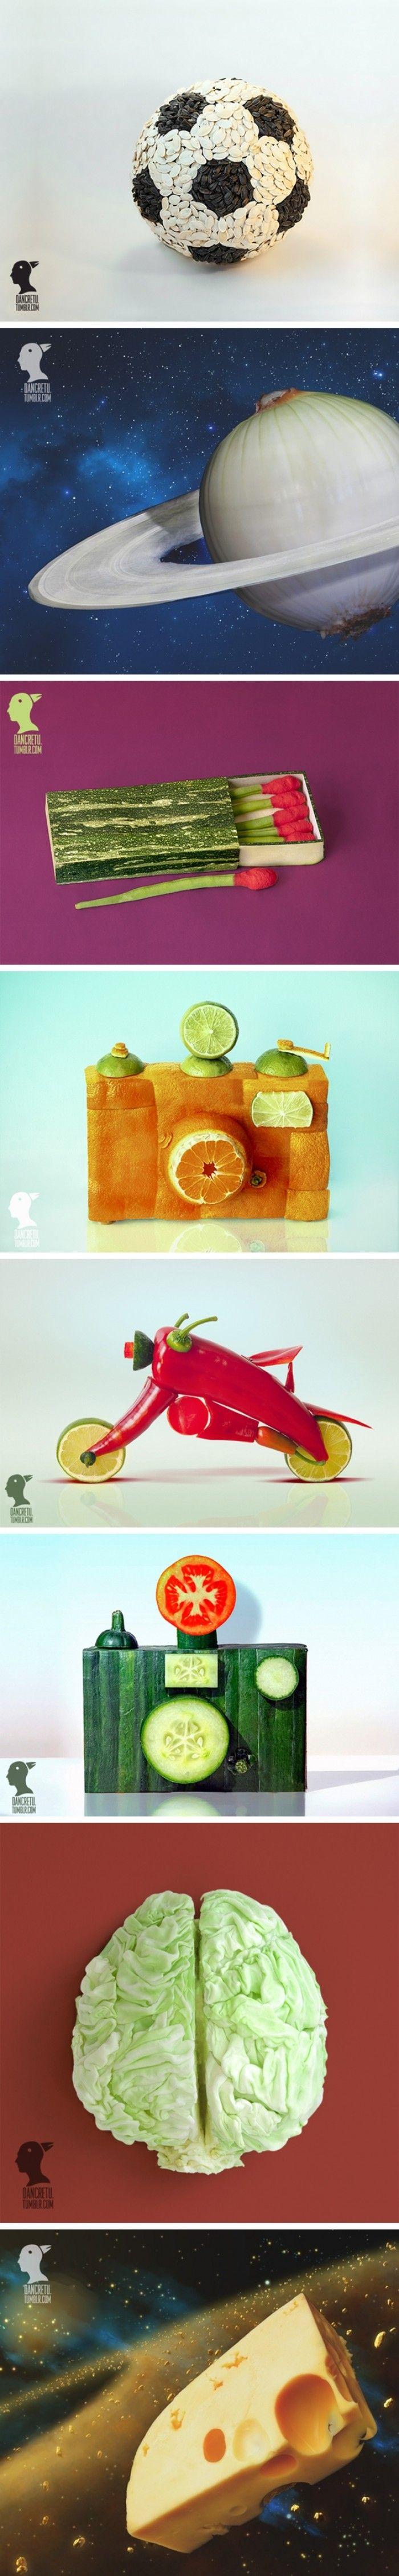 Meyve ve Sebzelerden Muhteşem Yaratıcı Heykeller www.4finite.com